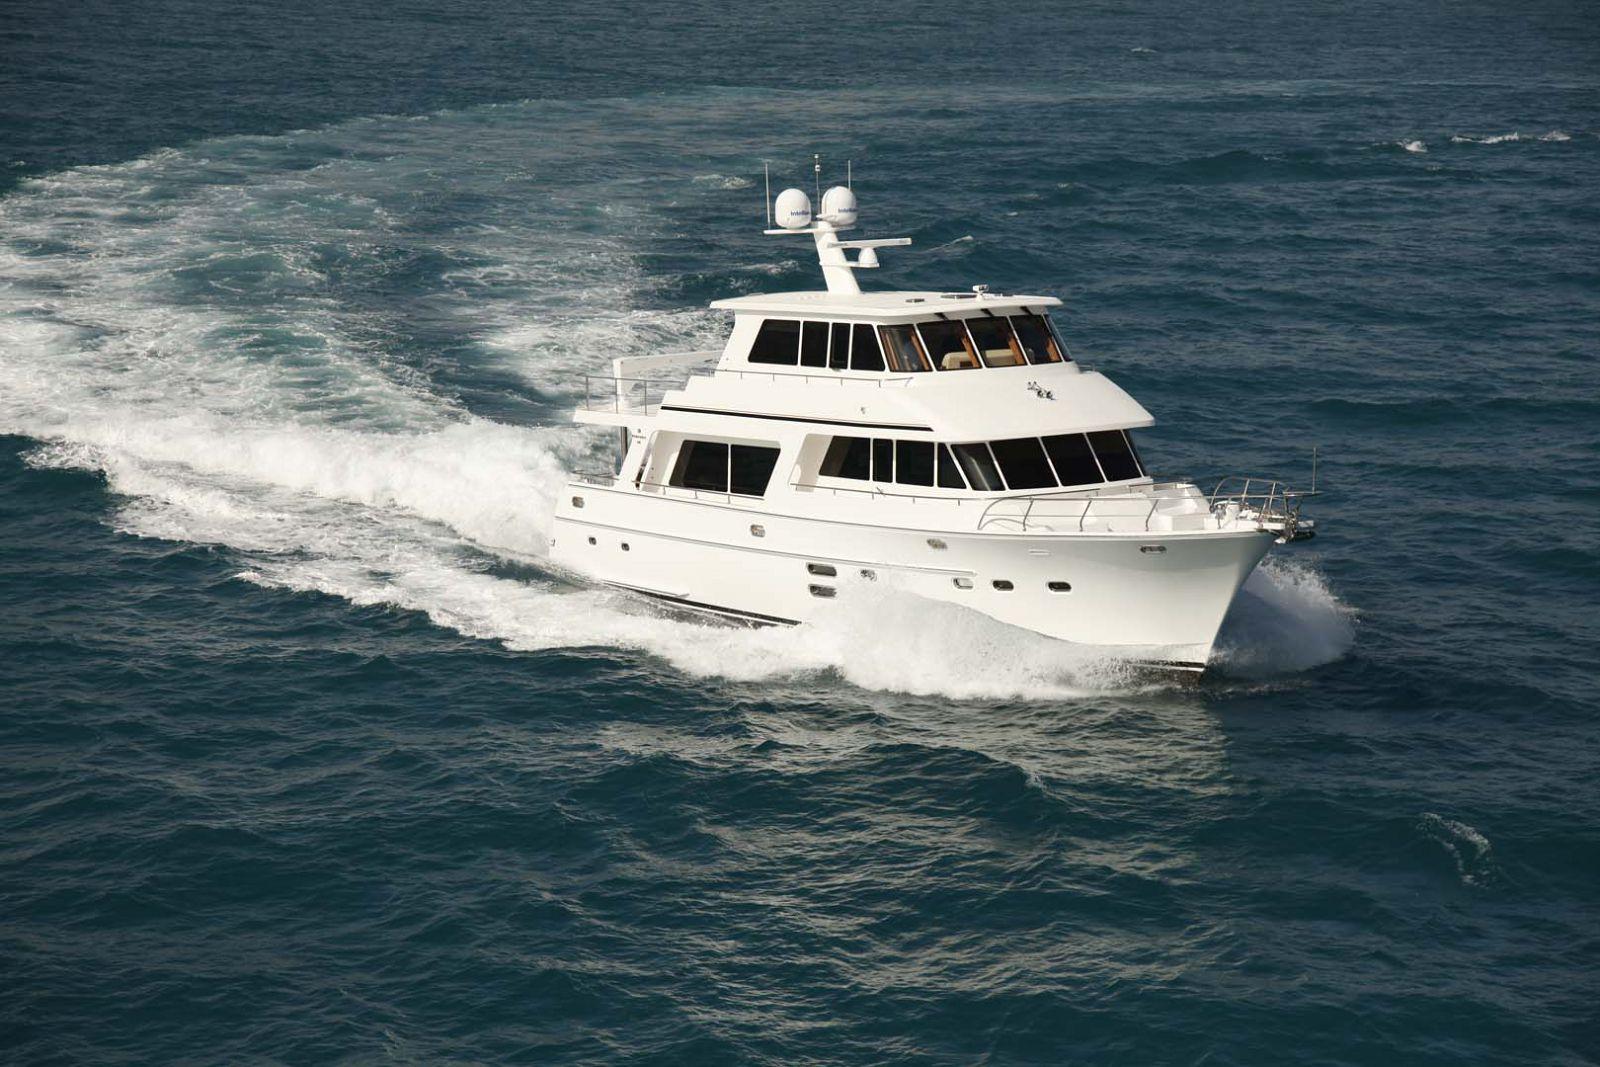 endurance 680 skylounge yacht cruising